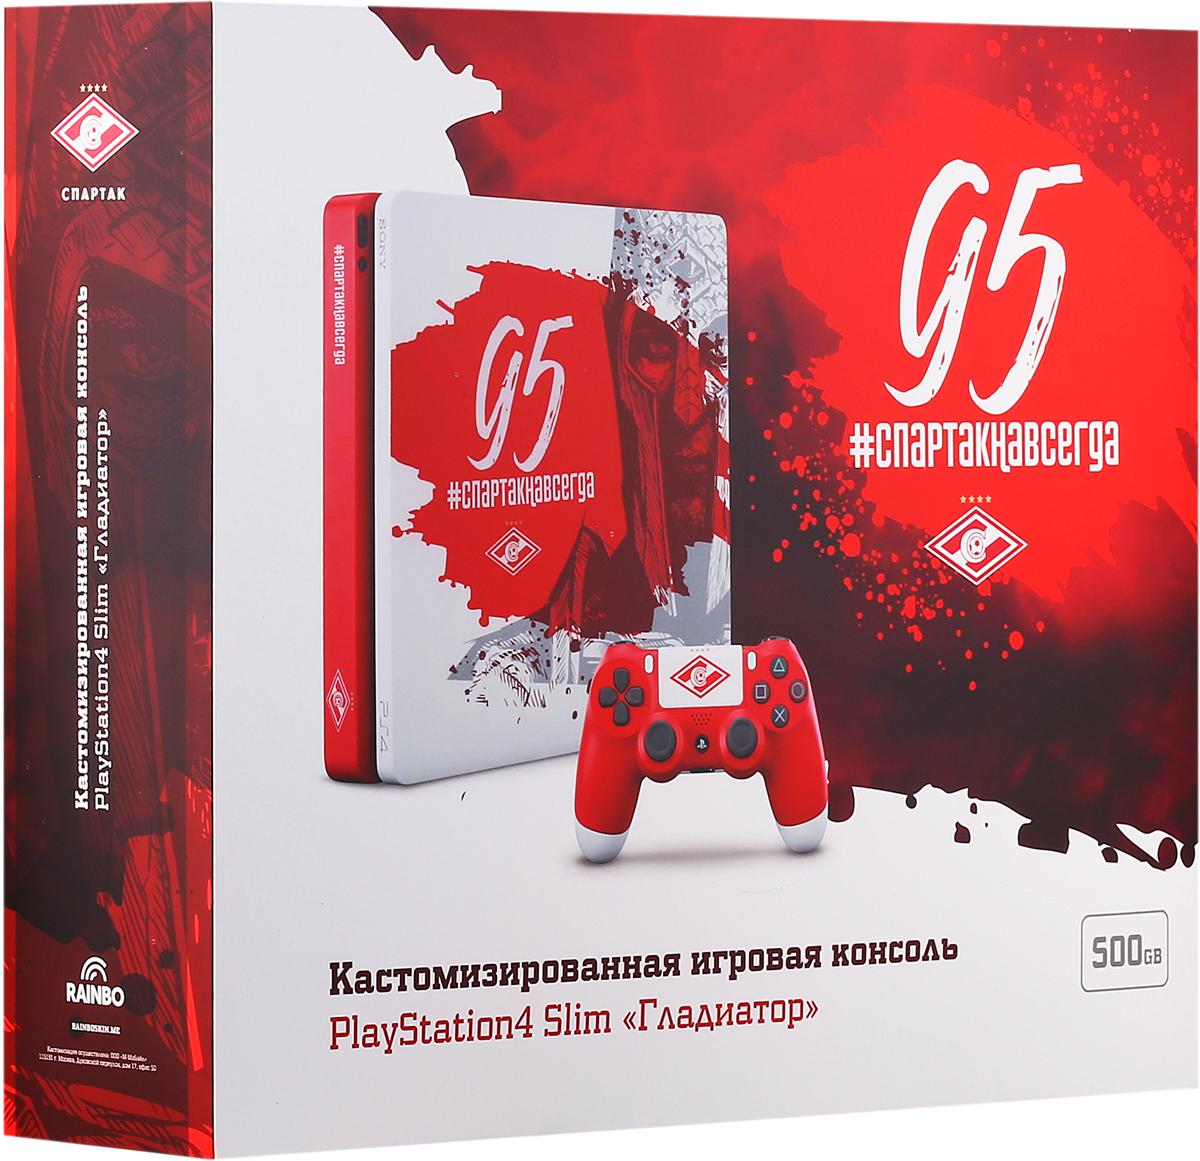 Игровая приставка Sony PlayStation 4 Slim Спартак Гладиатор (500 GB) игровая приставка sony playstation 4 ps4 pro в комплекте с джойстиком dualshock 4